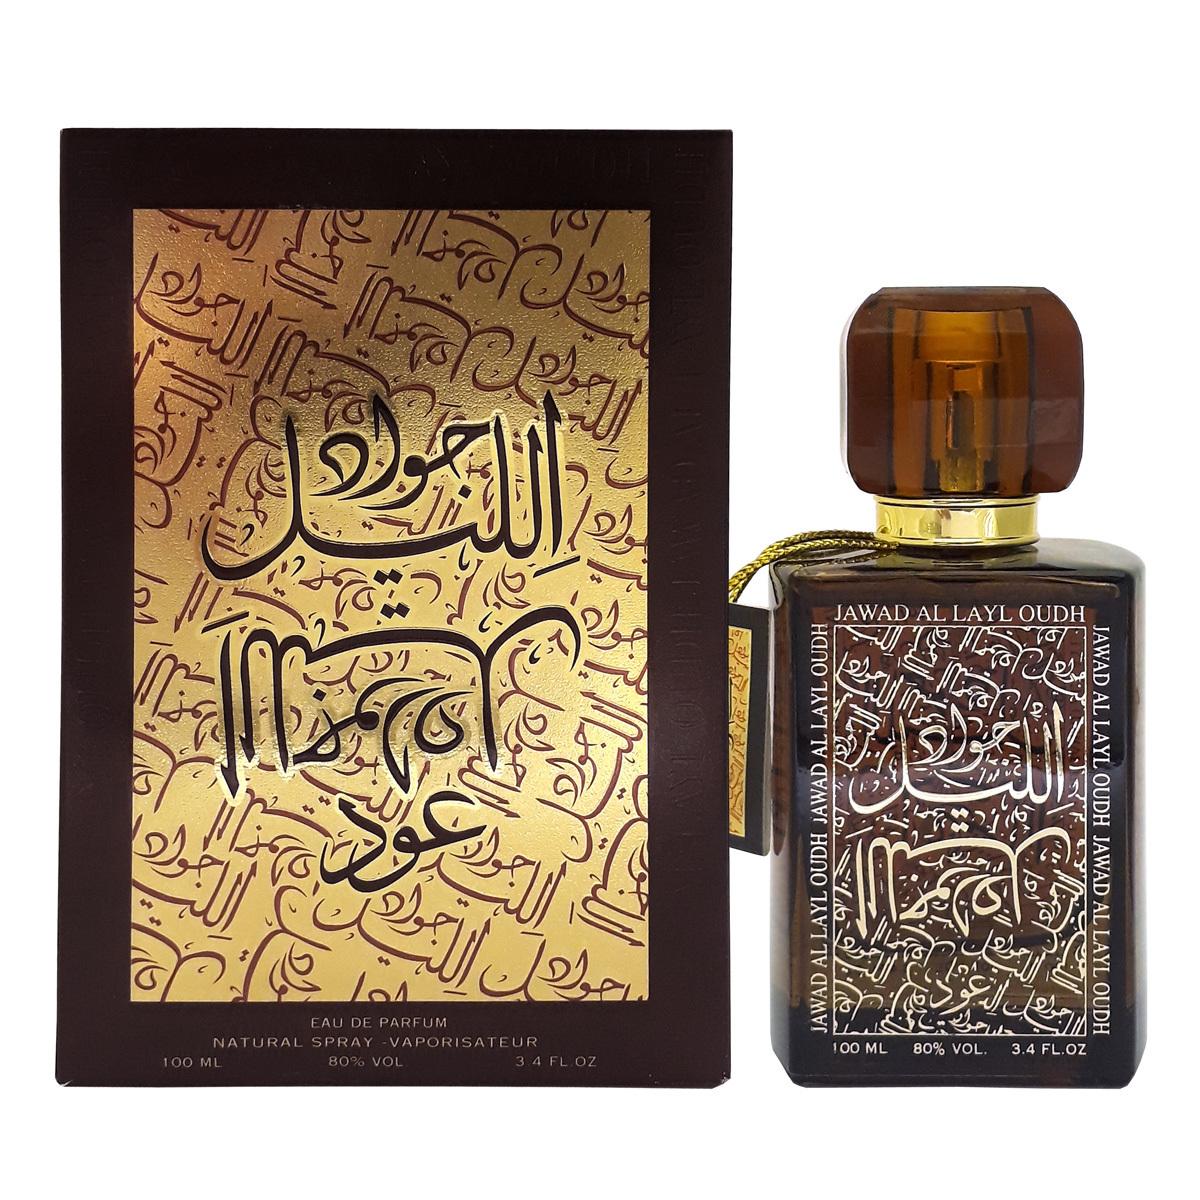 Пробник для Jawad al Layl Oudh  Джавад Аль Лайл Уд 1 мл спрей от Халис Khalis Perfumes